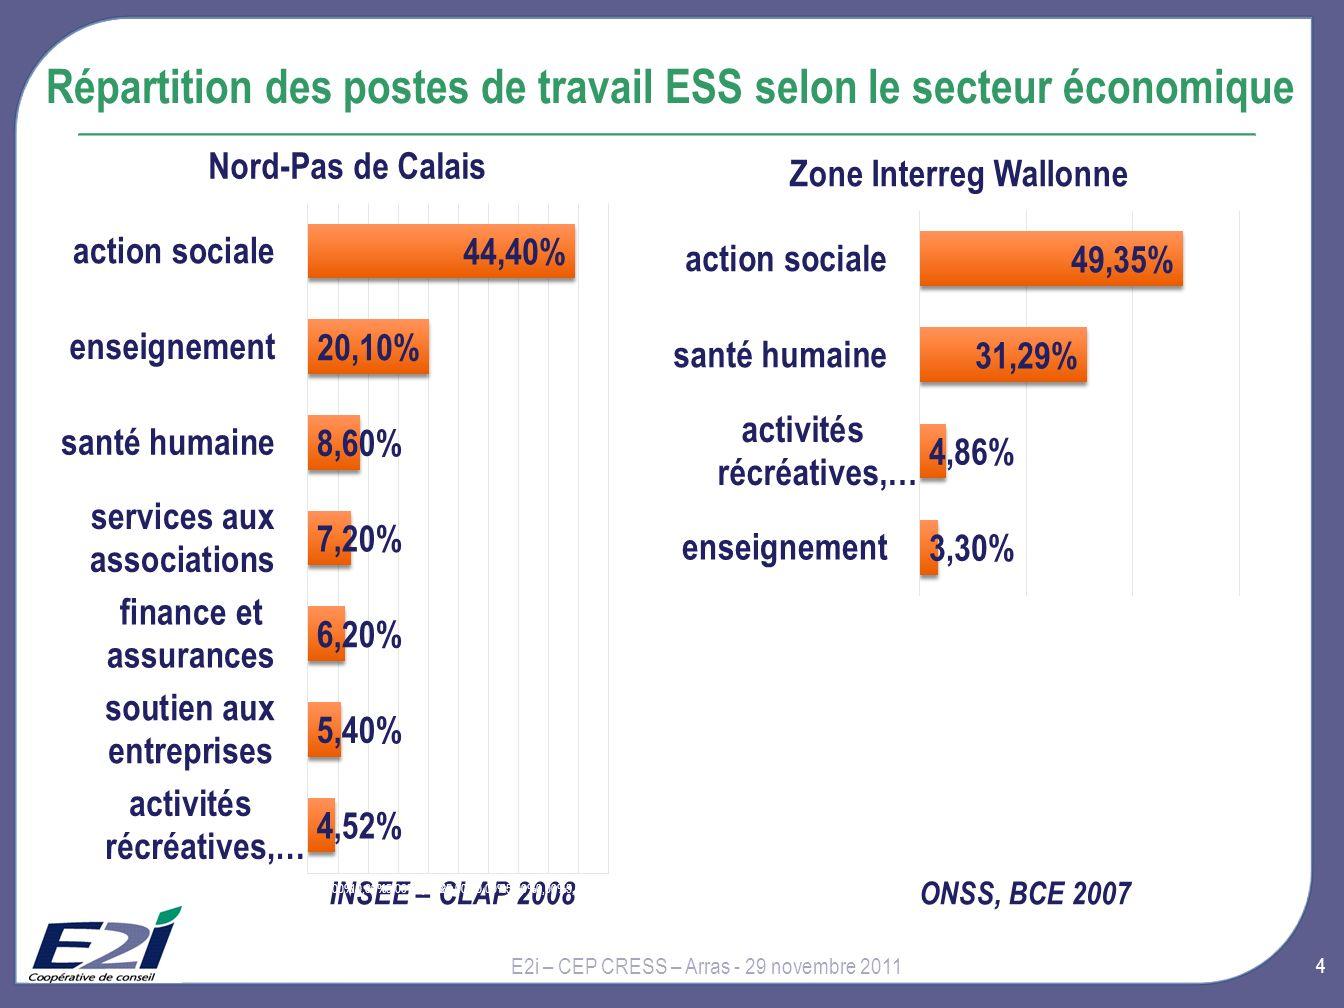 4 Répartition des postes de travail ESS selon le secteur économique E2i – CEP CRESS – Arras - 29 novembre 2011 INSEE – CLAP 2008ONSS, BCE 2007